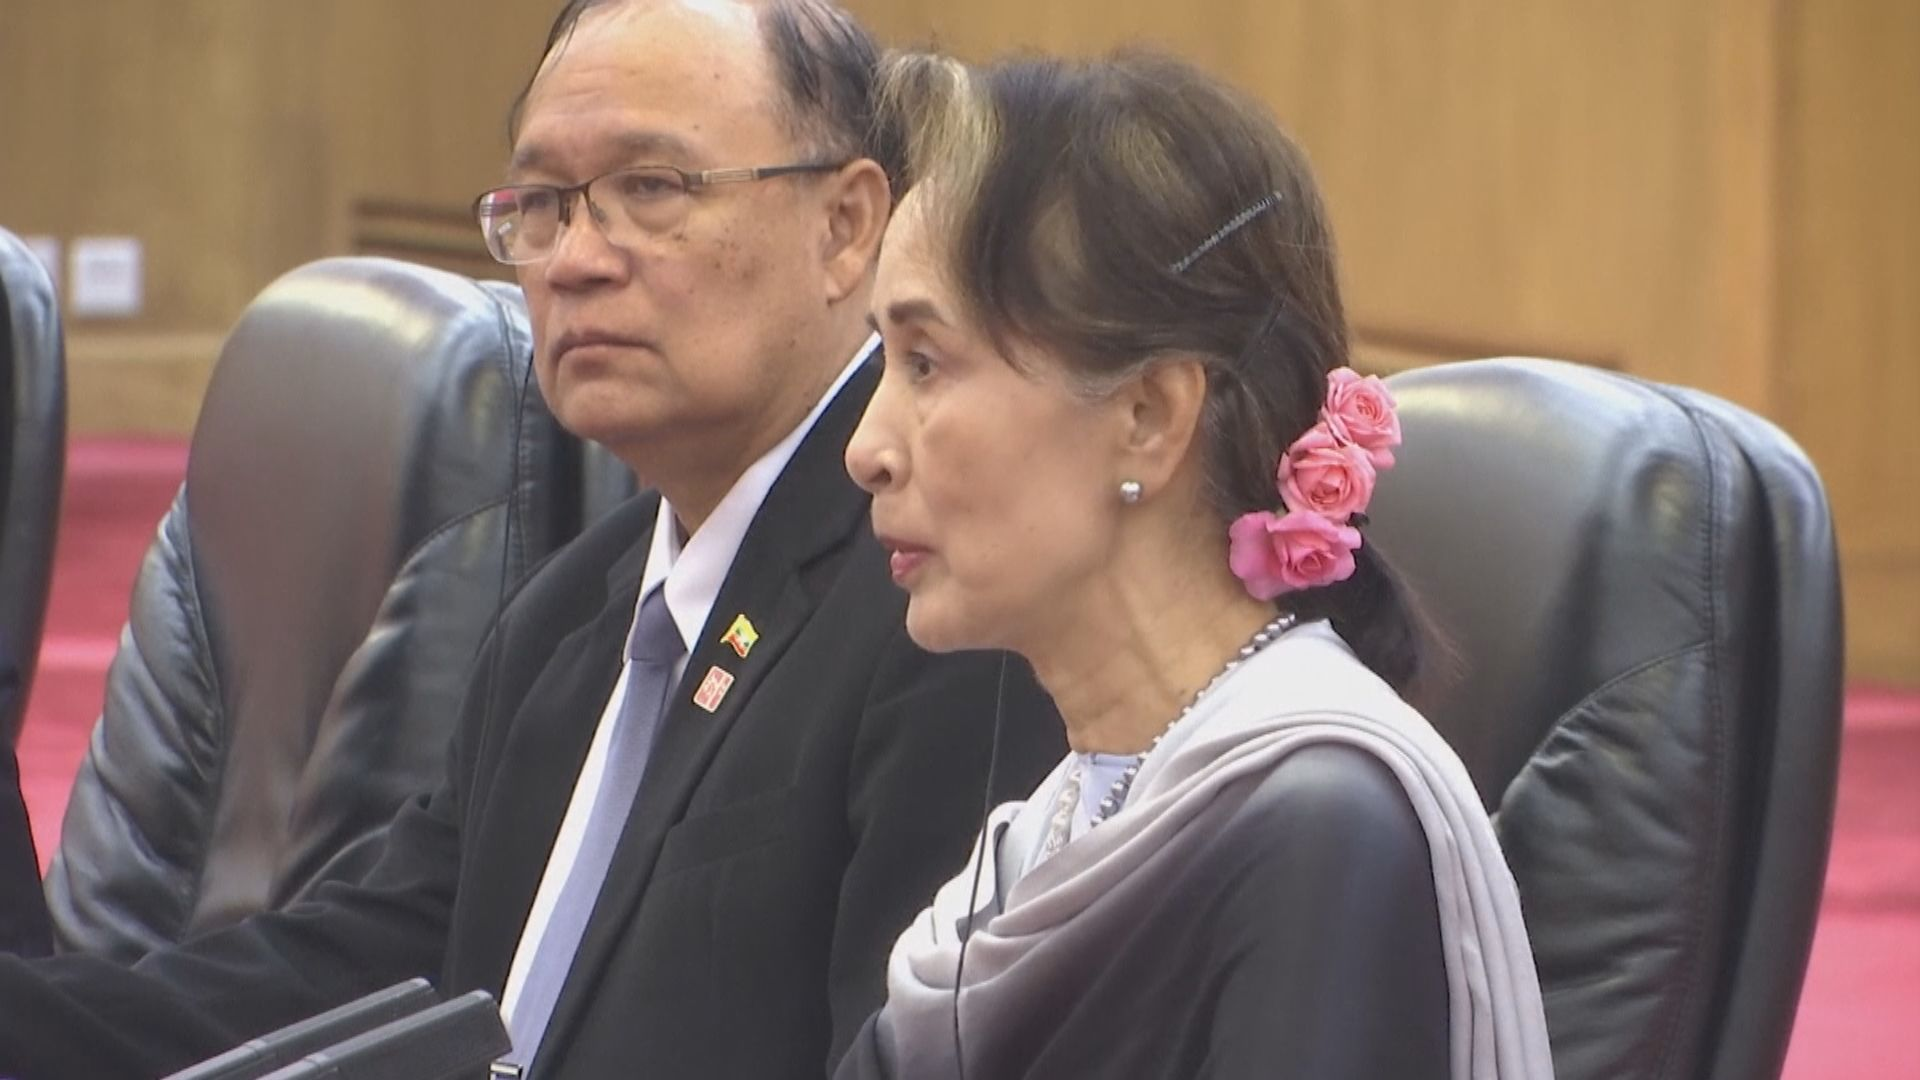 緬甸軍方晤臨時總統敏瑞後發聲明 承諾舉行公平選舉